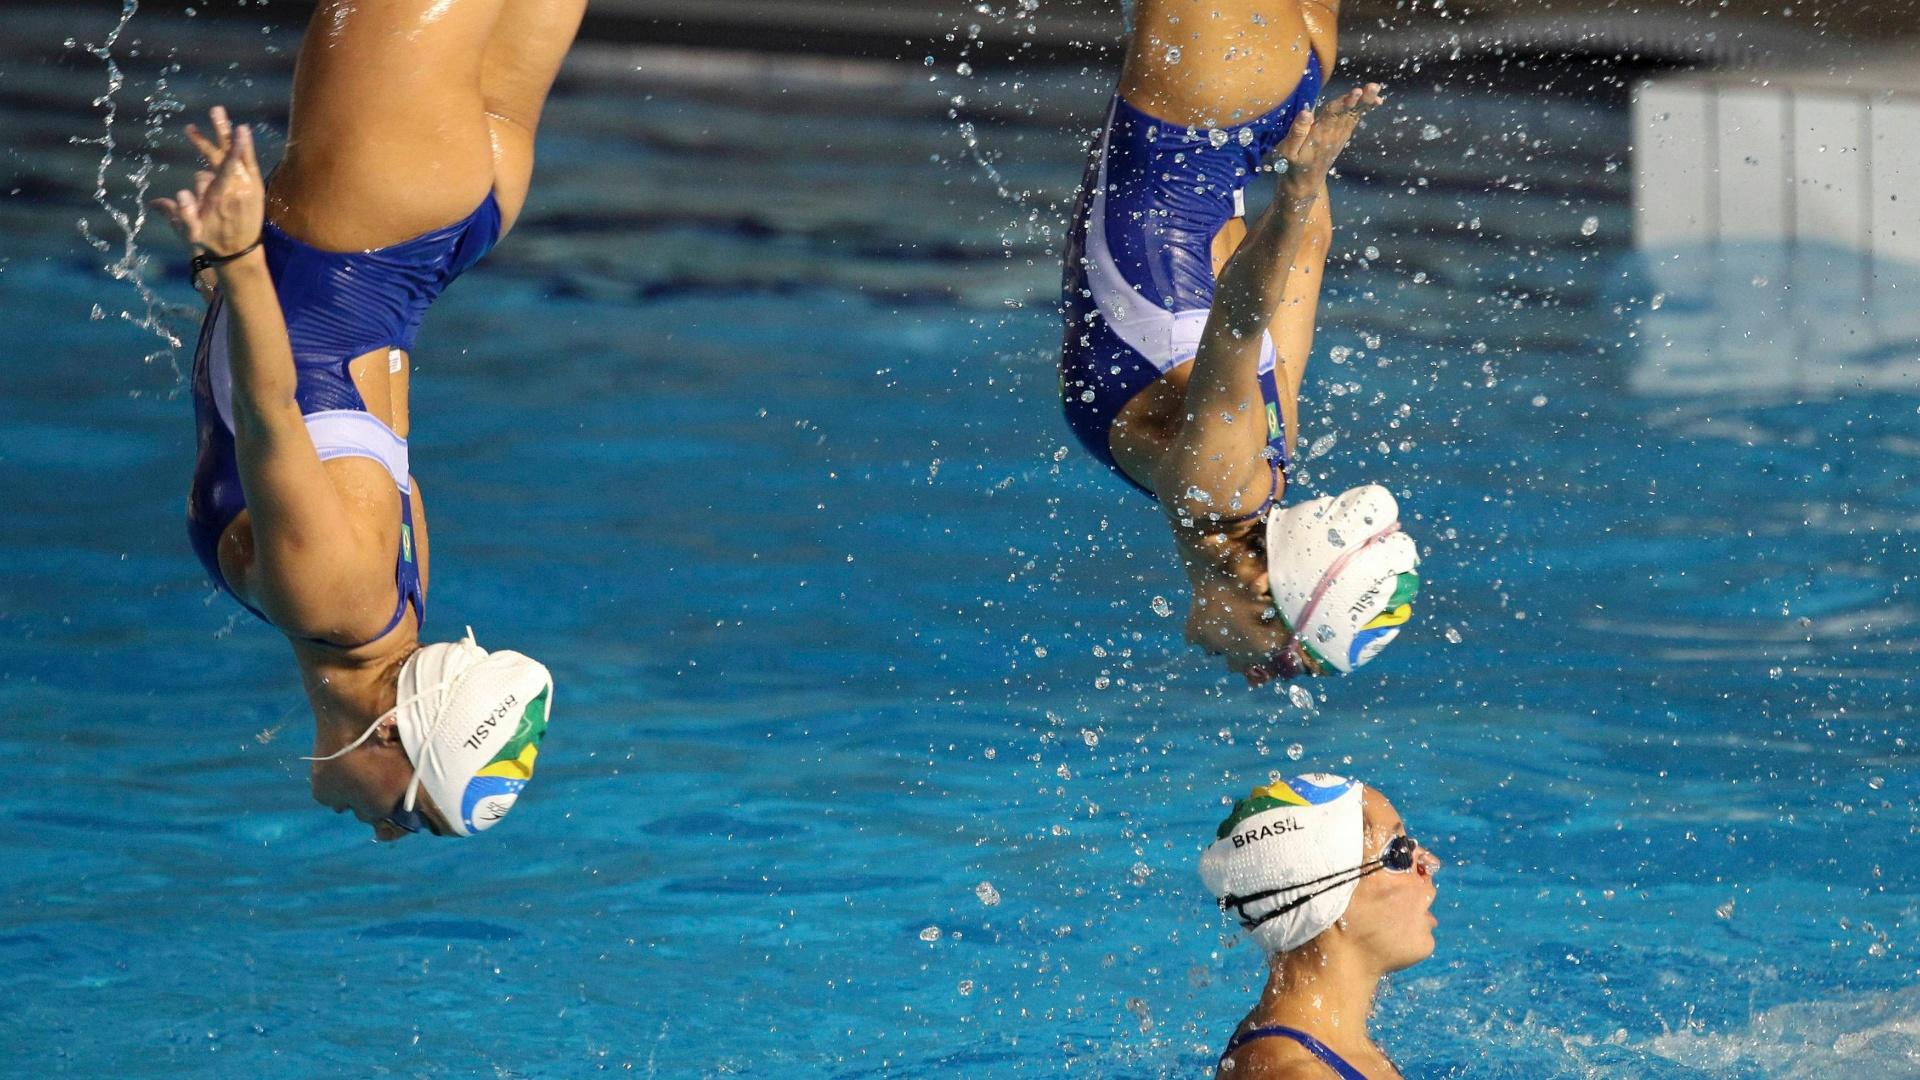 Brasileiras do nado sincronizado treinam na piscina no México